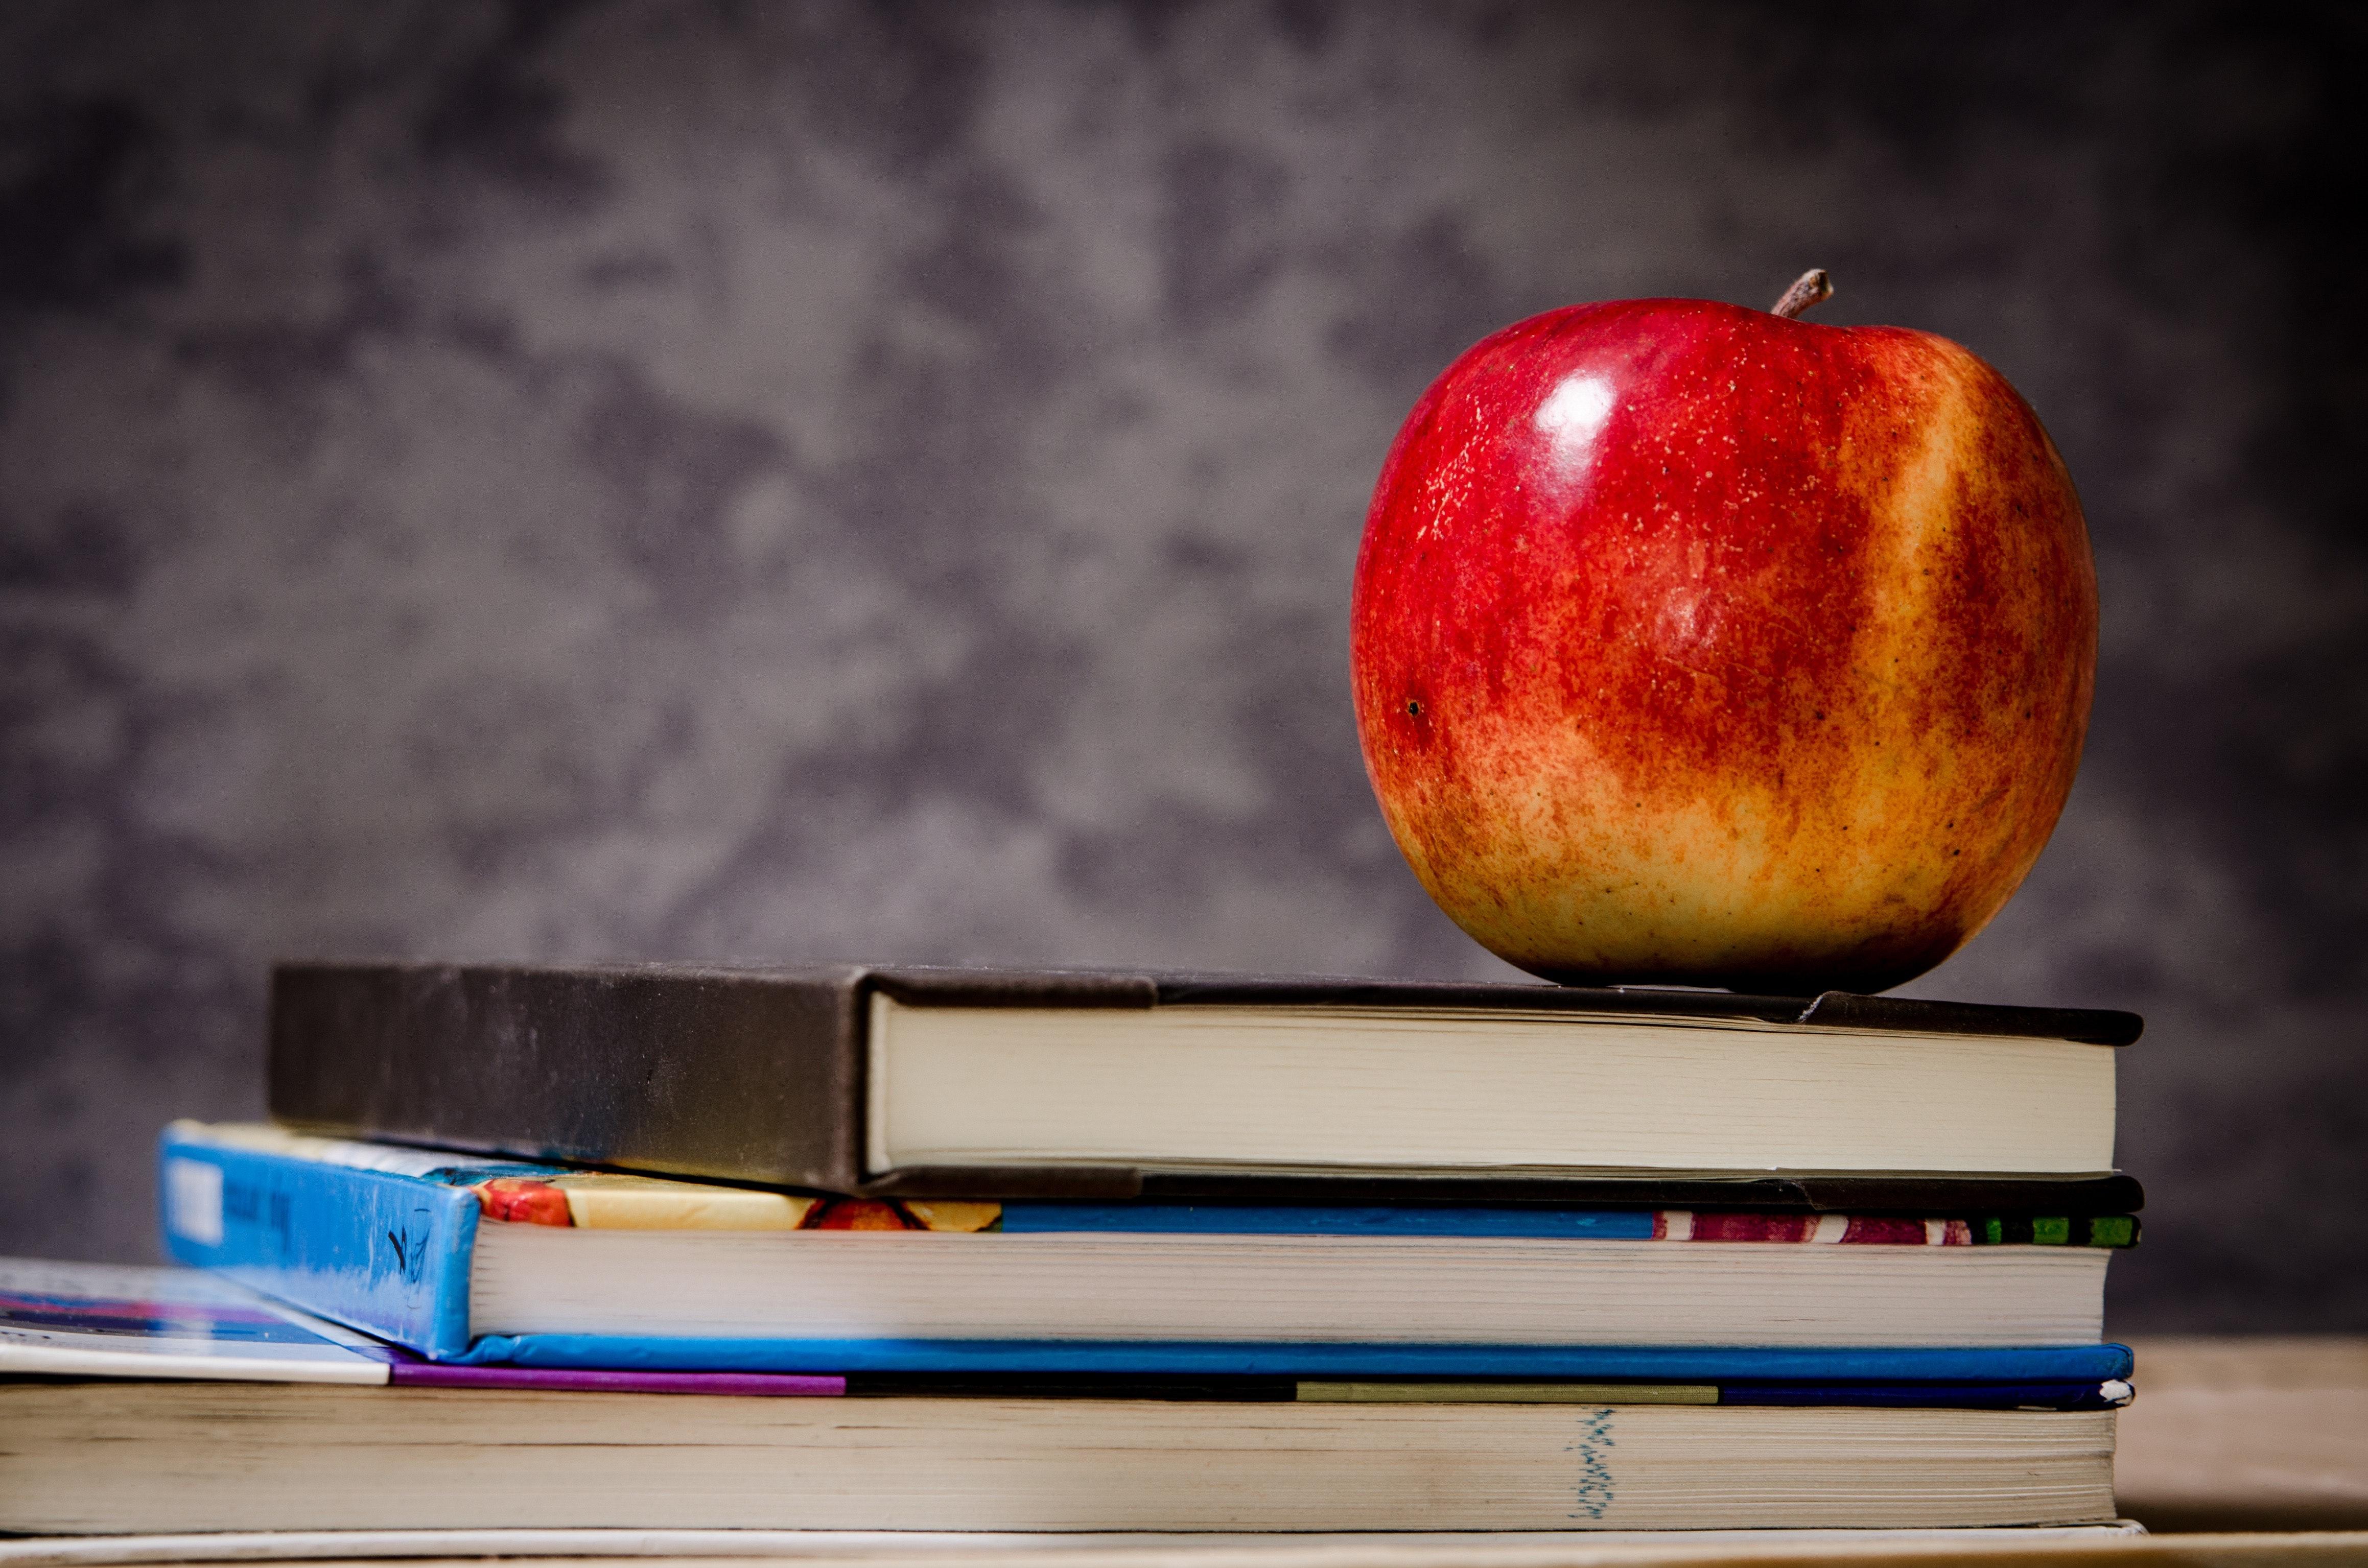 Schulverpflegung – auf den Bedarf und die Bedürfnisse von Kindern richtig eingehen